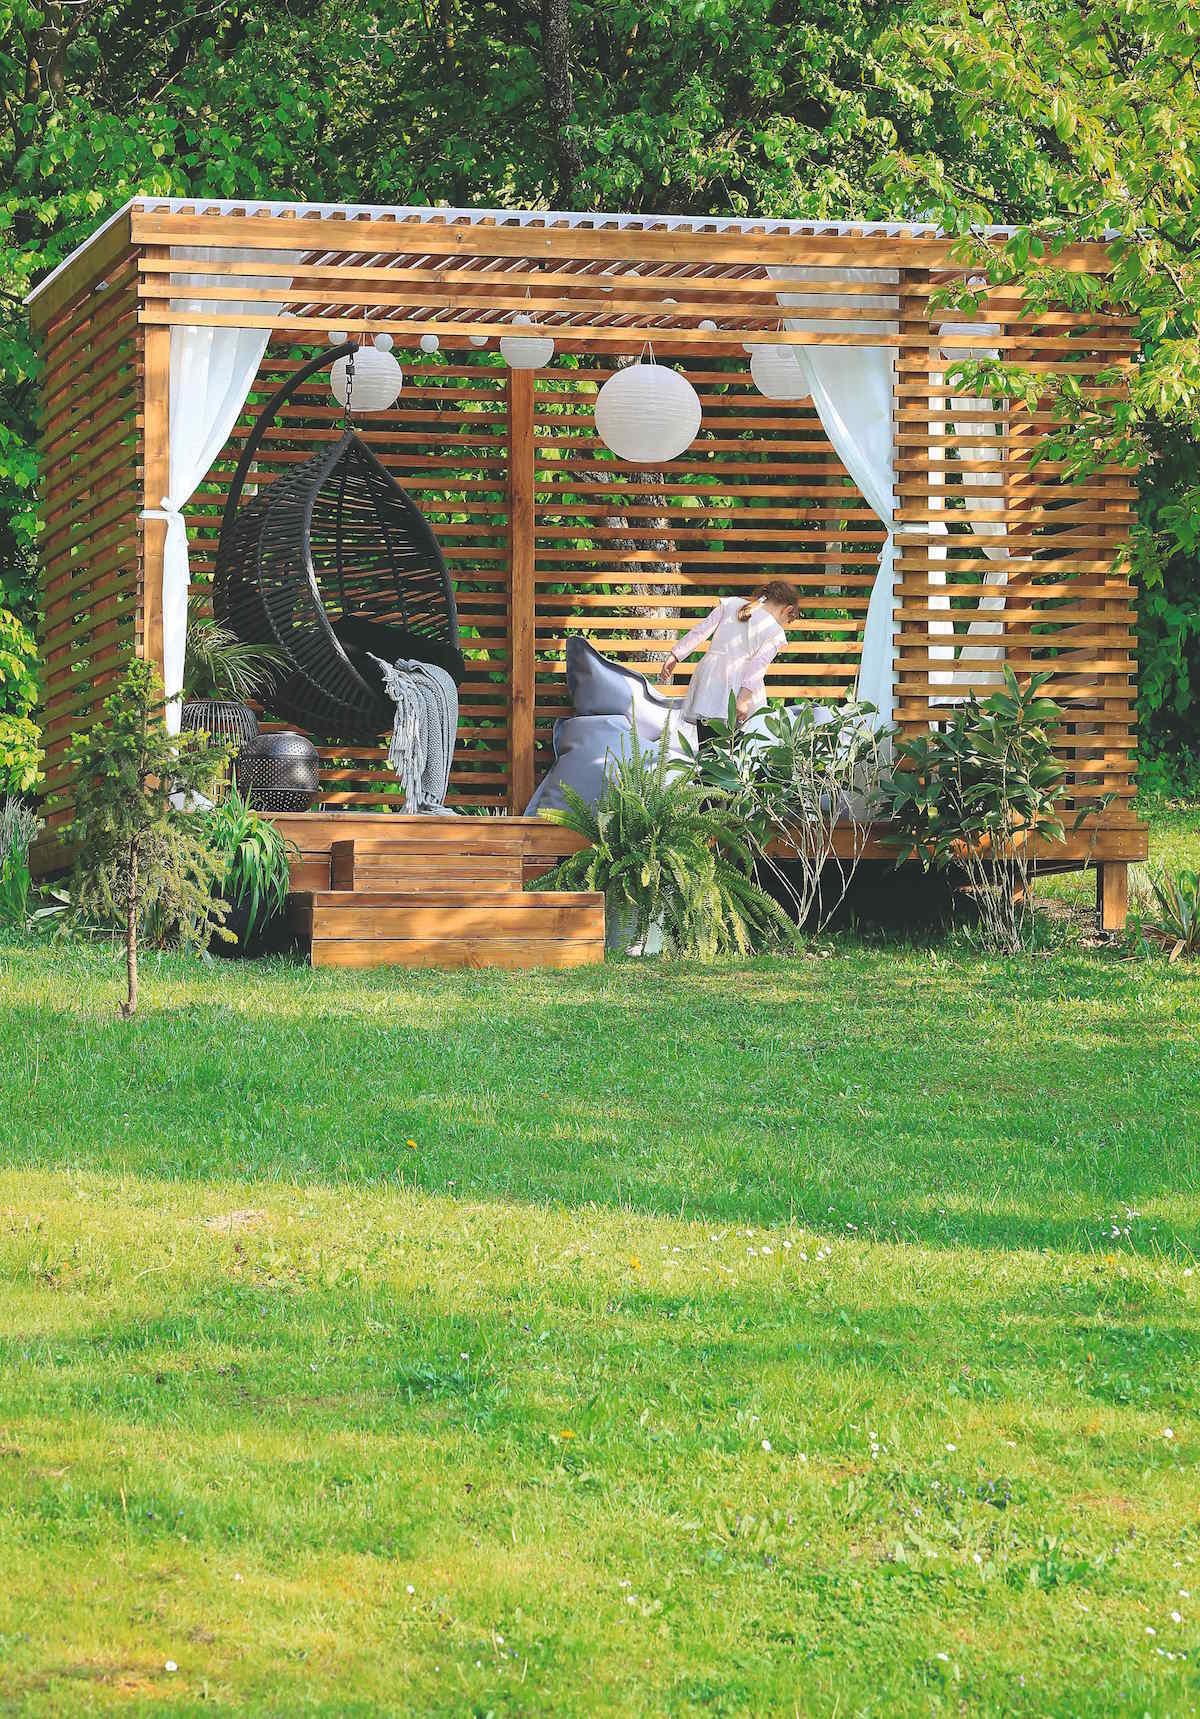 Drevený altánok so sedením v záhrade